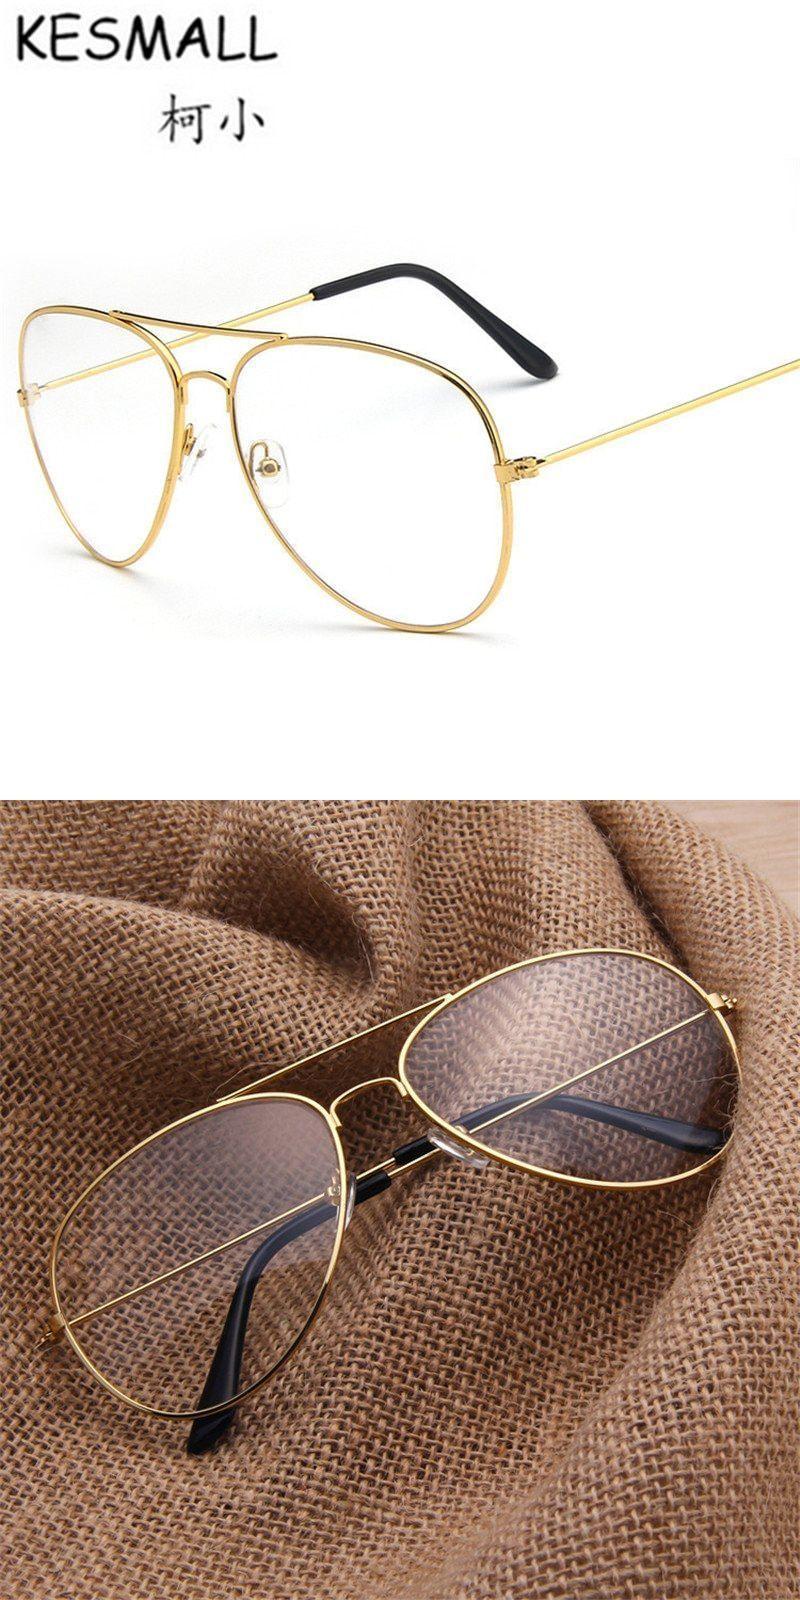 ba48f2989 Vintage eyewear metal frame women men fashion transparent lens eyeglasses  black glasses frame marcos de lentes